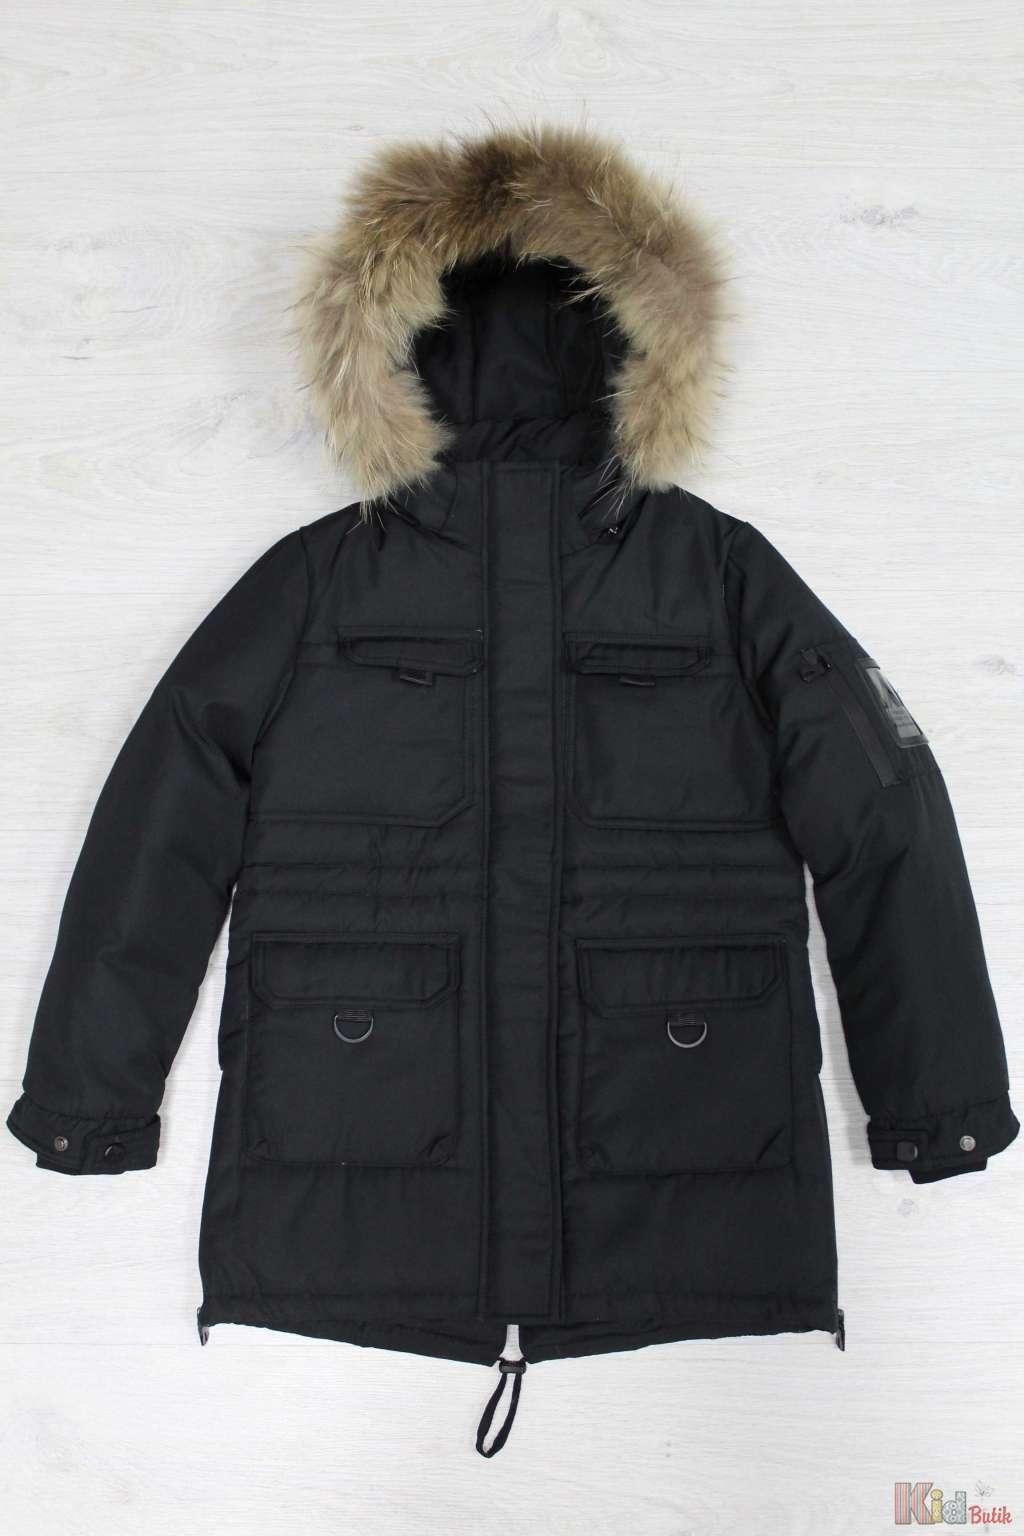 ᐈ Куртка зимова для хлопчика 2125000517926 купити в KidButik.ua ... 503341f6fae2b